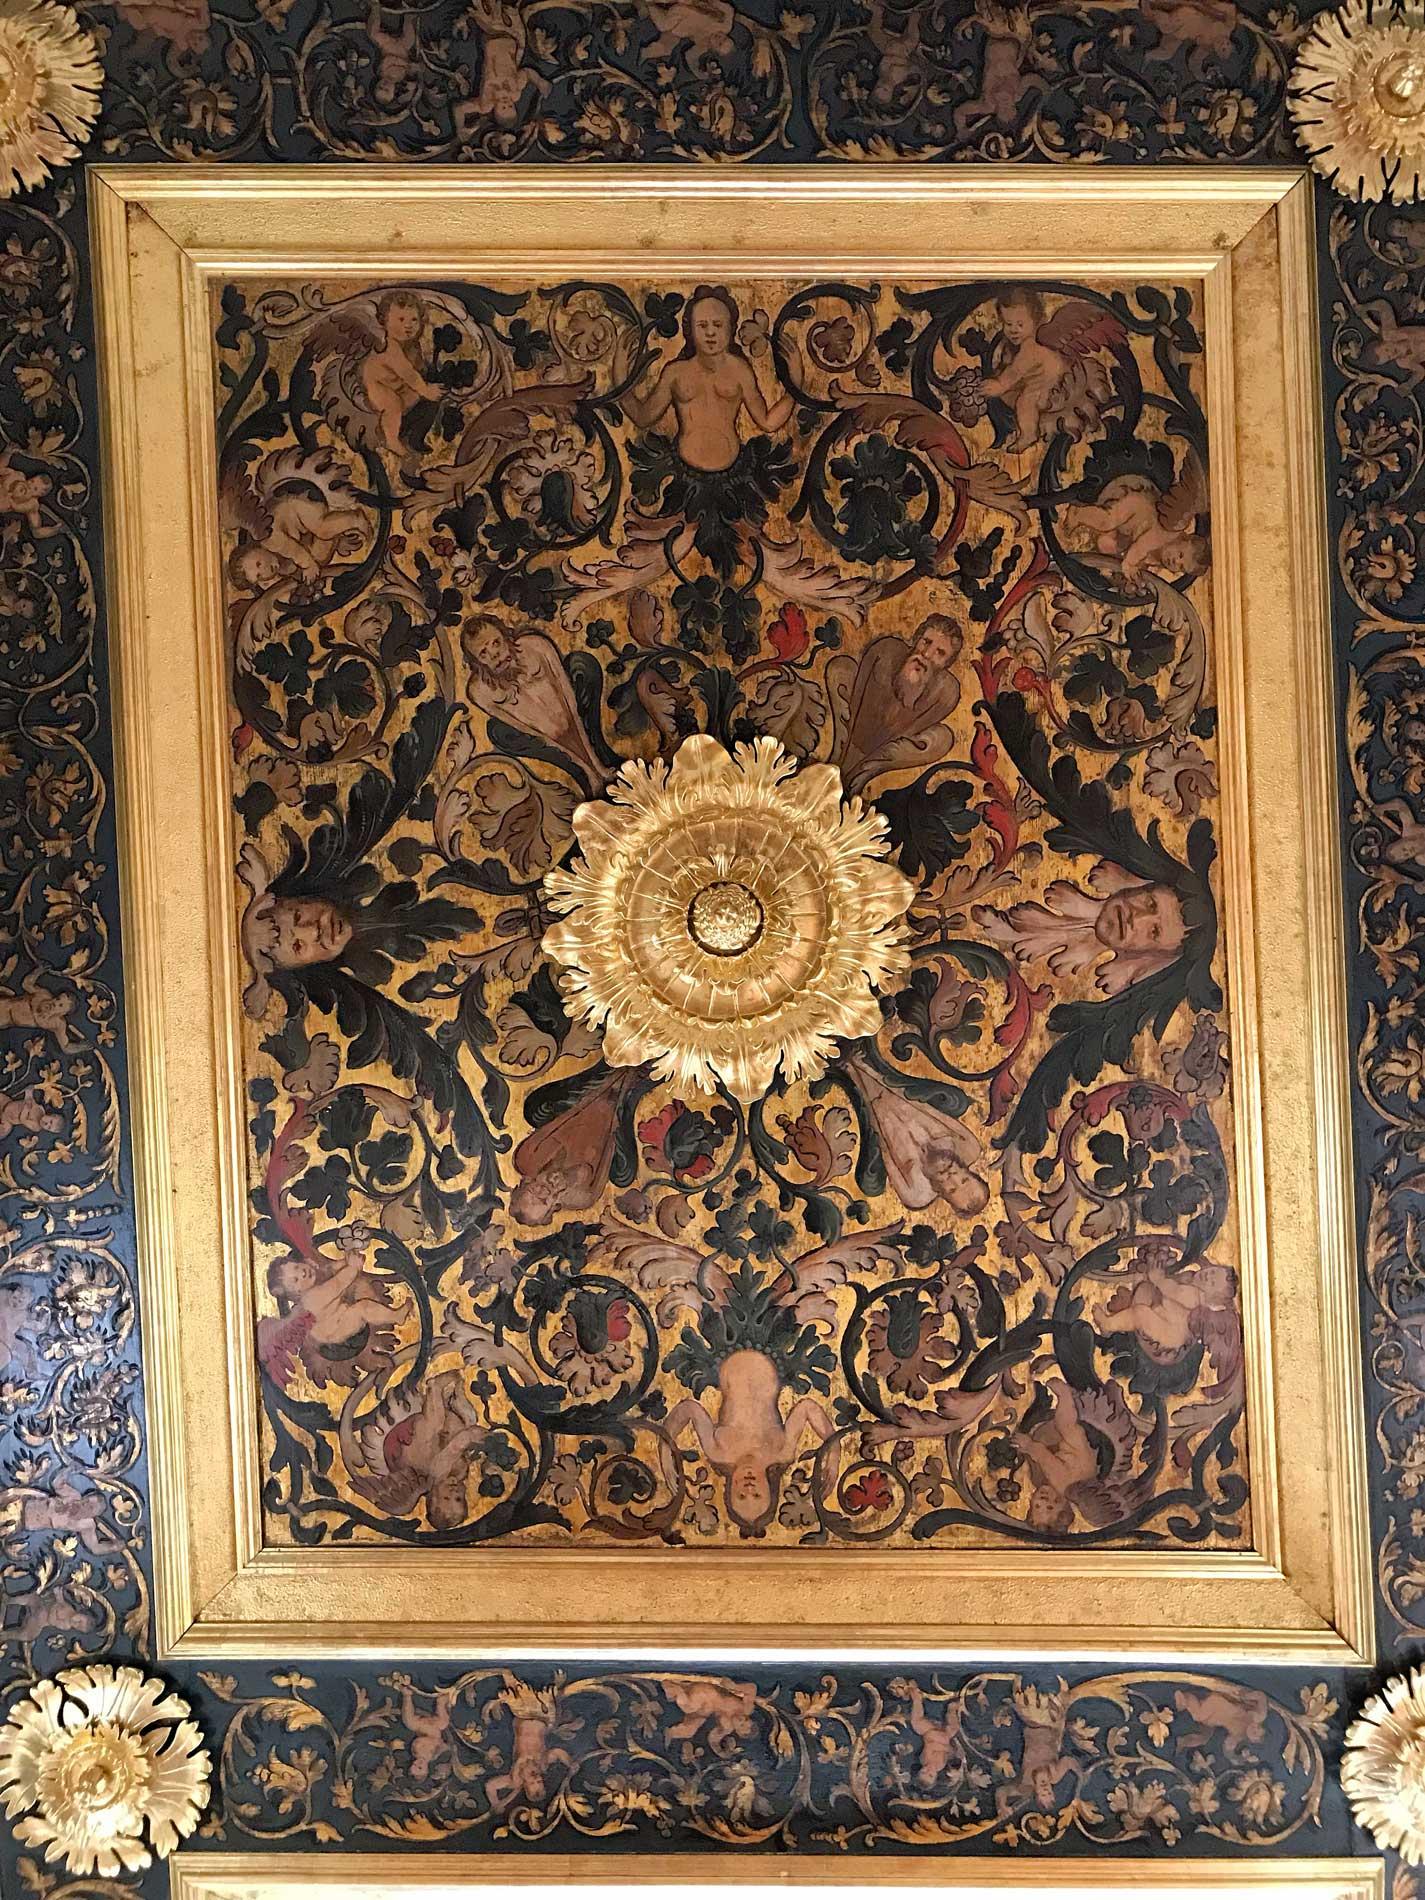 Dubrovnik-Croazia-Palazzo-dei-Rettori-soffitto-decorato